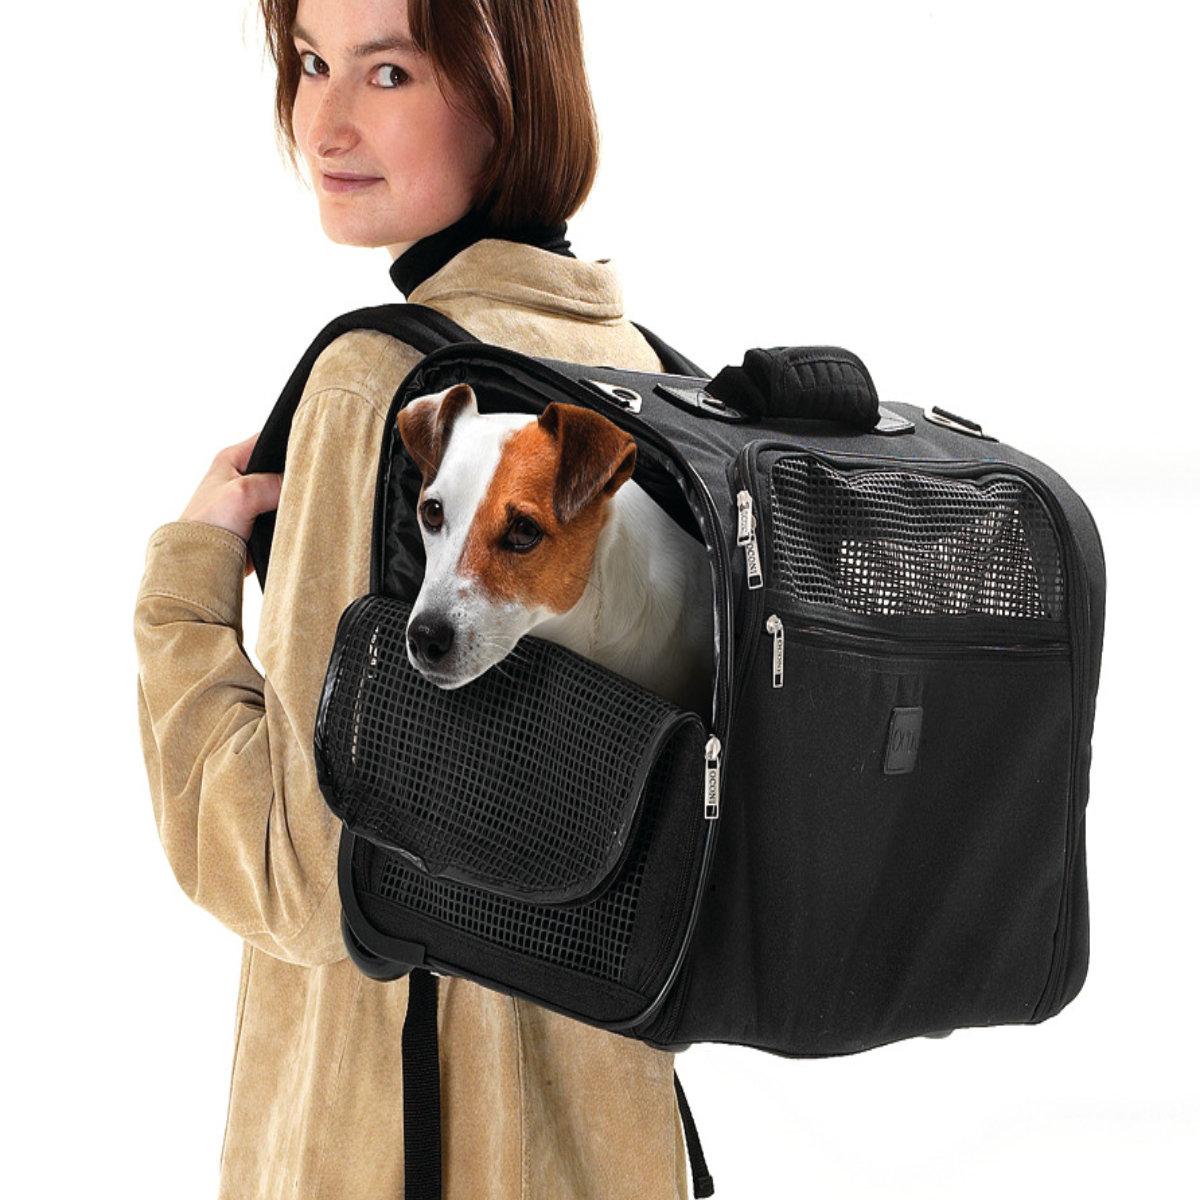 karlie transporttasche rucksack smart trolley f r hunde. Black Bedroom Furniture Sets. Home Design Ideas